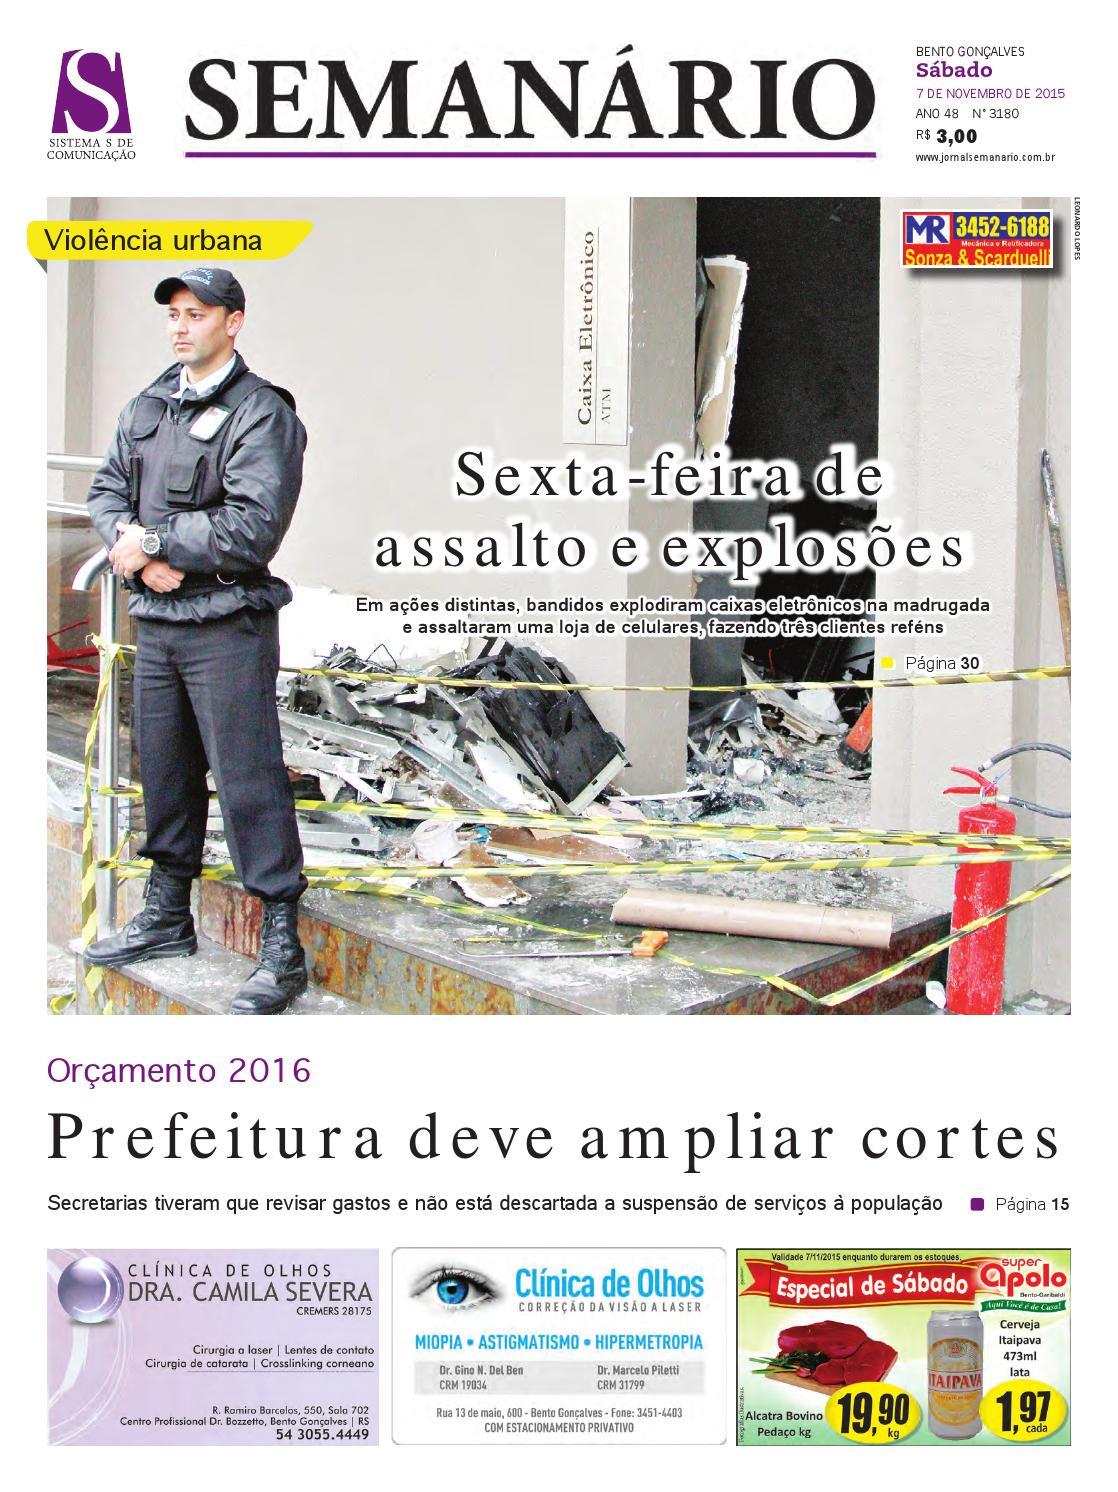 07 11 2015 - Jornal Semanário - Edição 3180 by Jornal Semanário - Bento  Gonçalves - RS - issuu 6ad362acb0